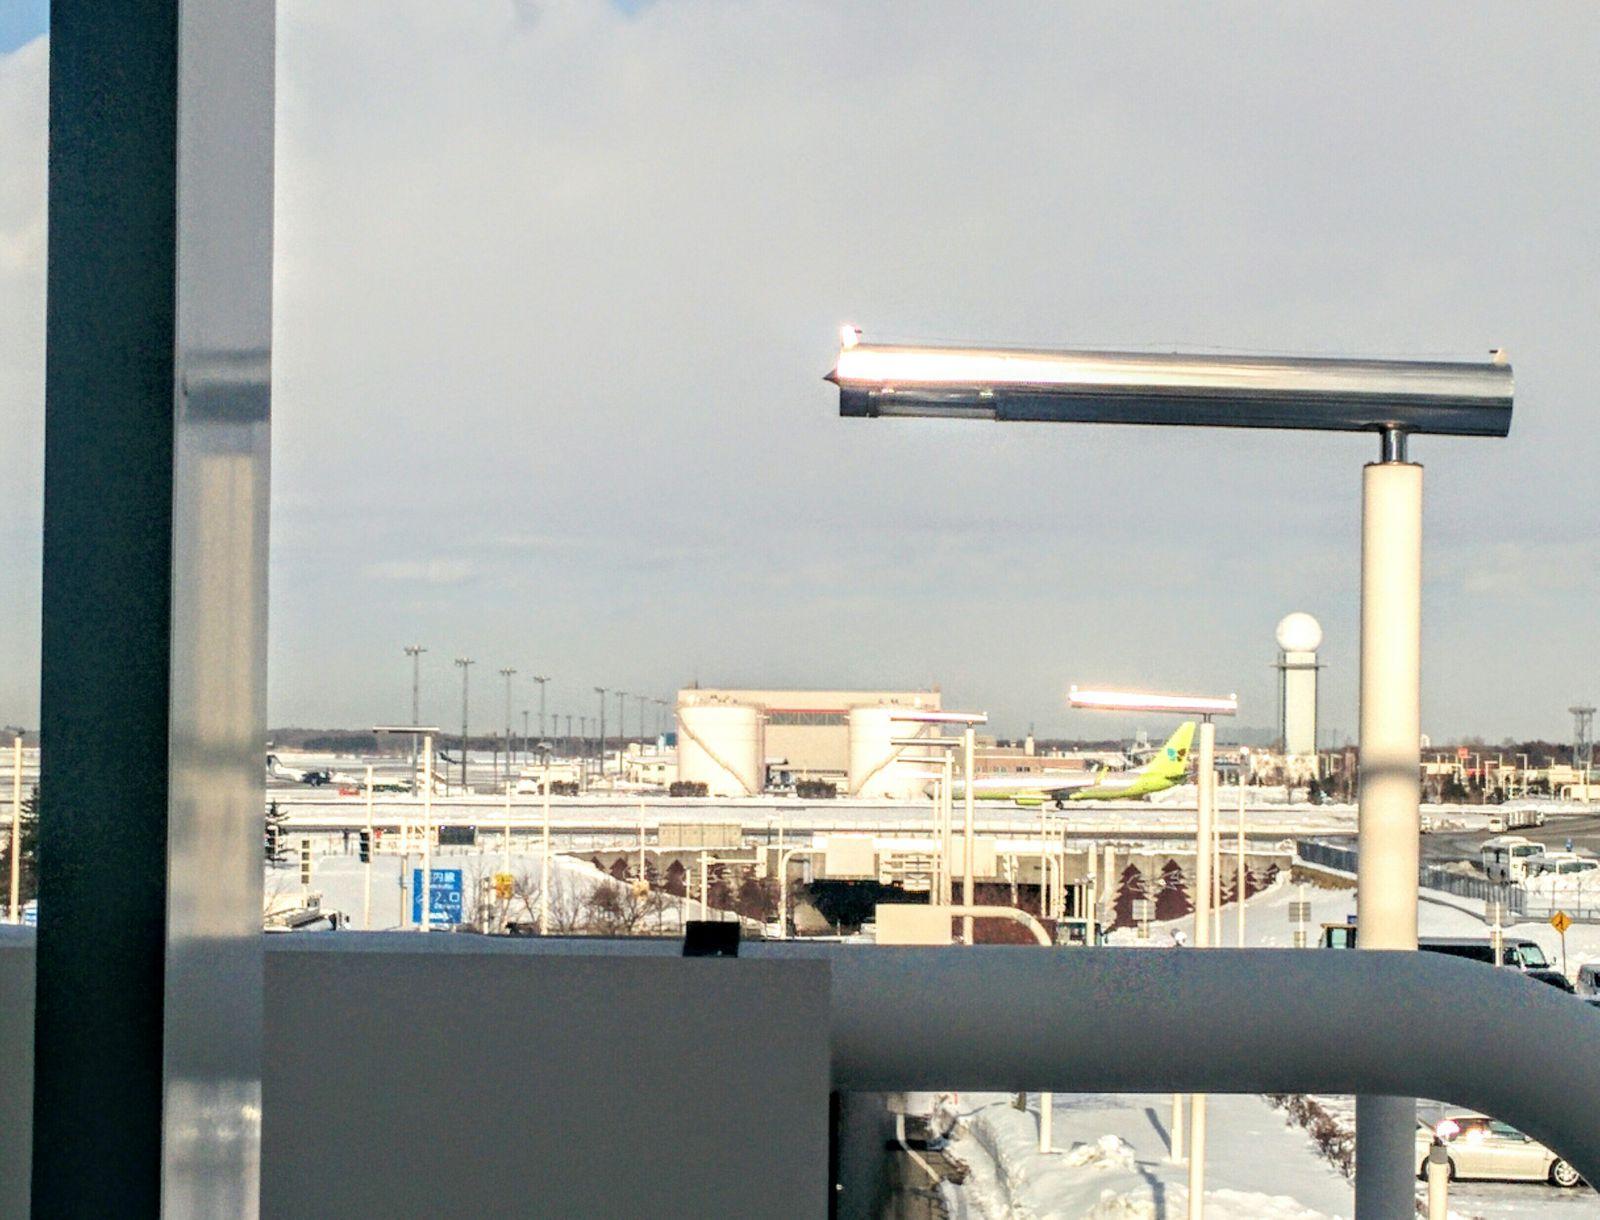 新千歳空港観光写真です。